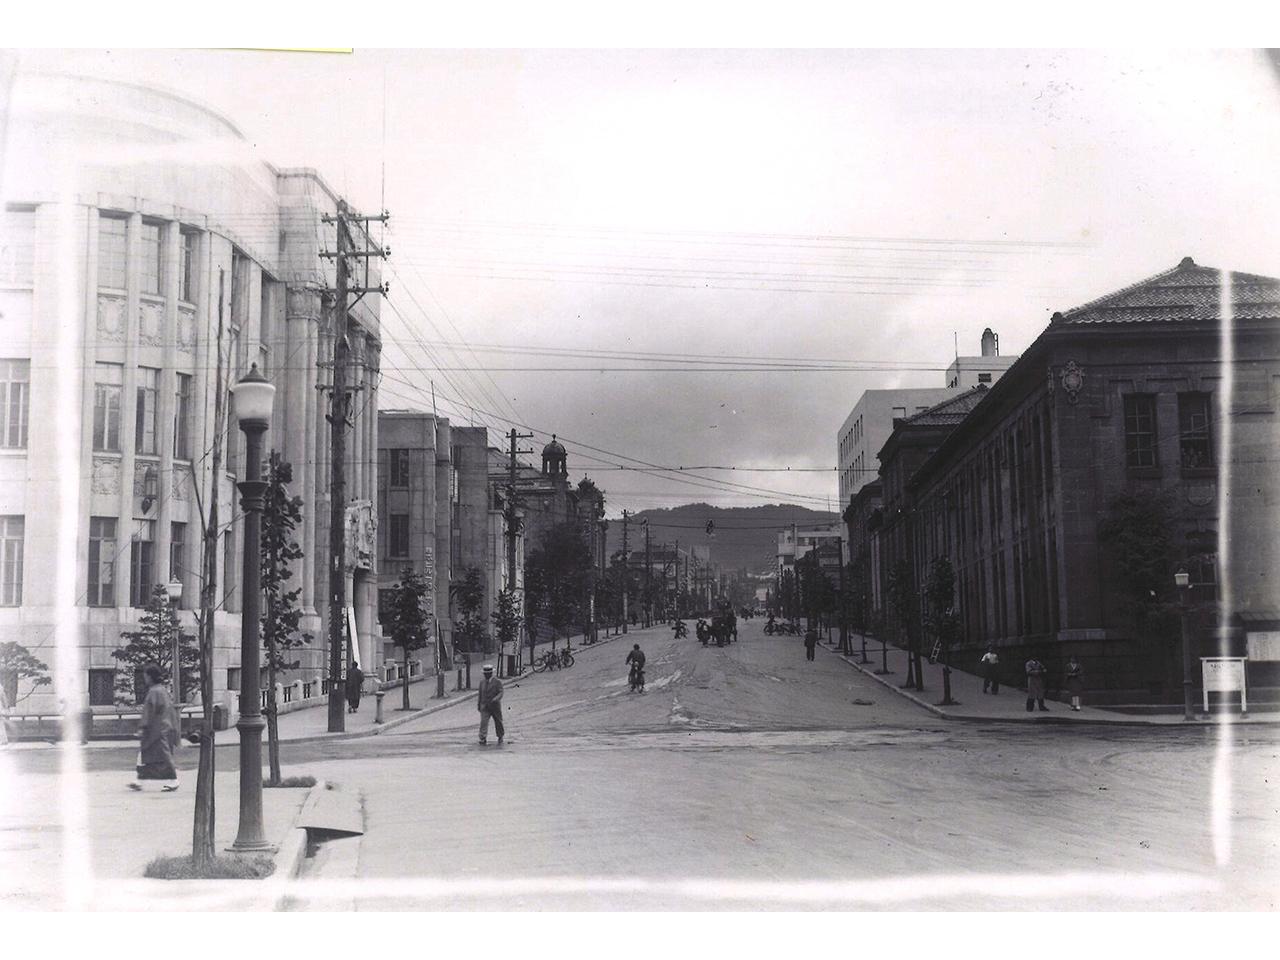 画像:色内銀行街(旧三井物産及び旧三菱商事小樽支店)(3)